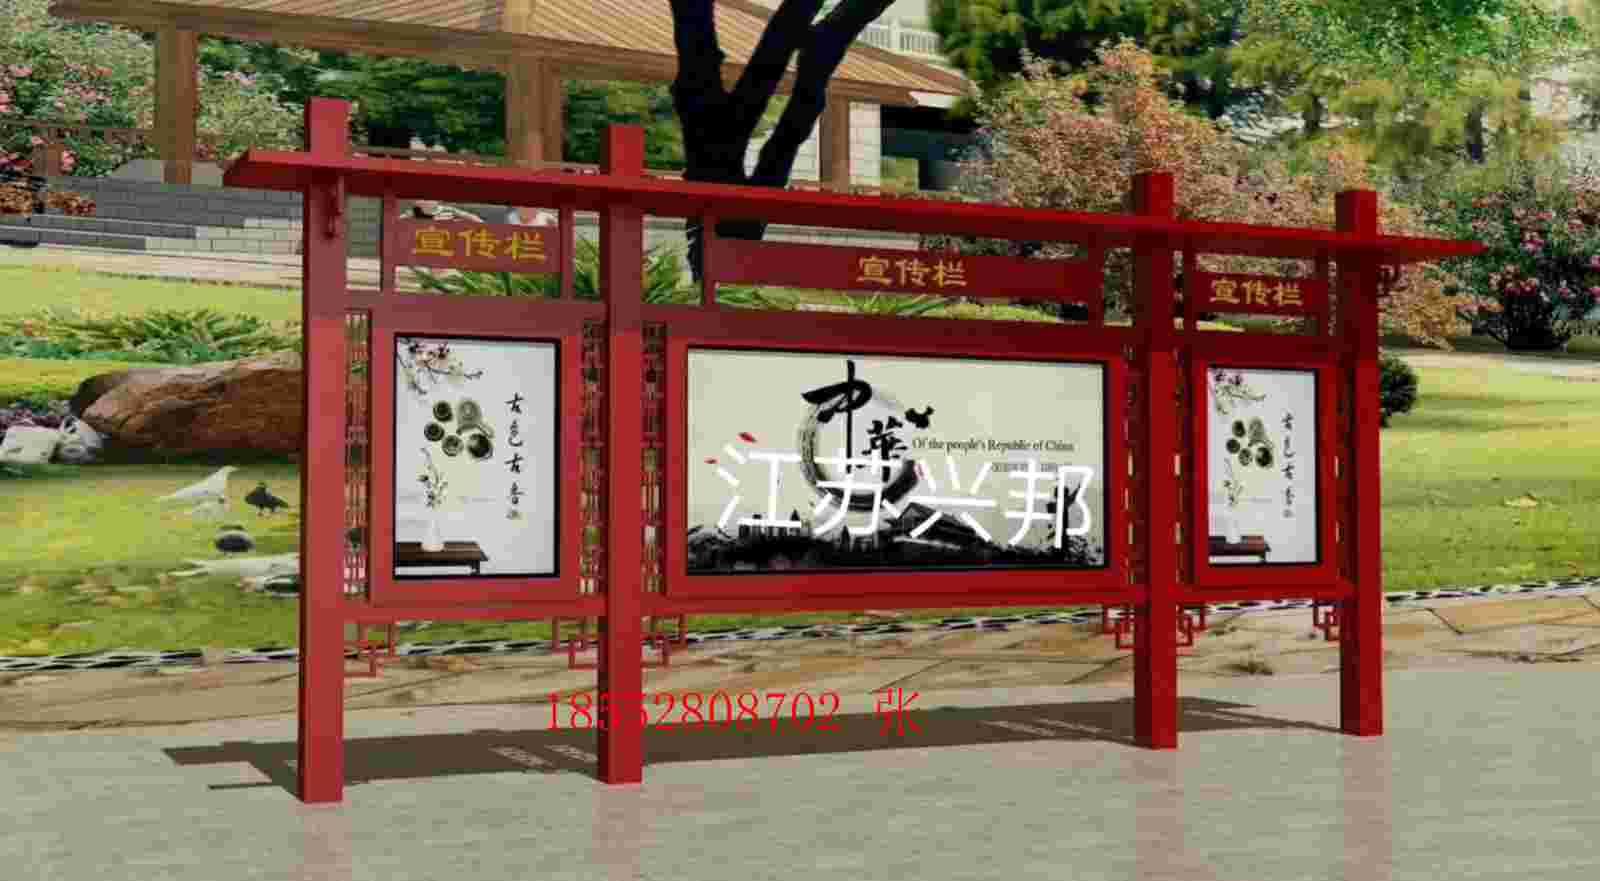 咸阳公园宣传栏风景区厂家直销